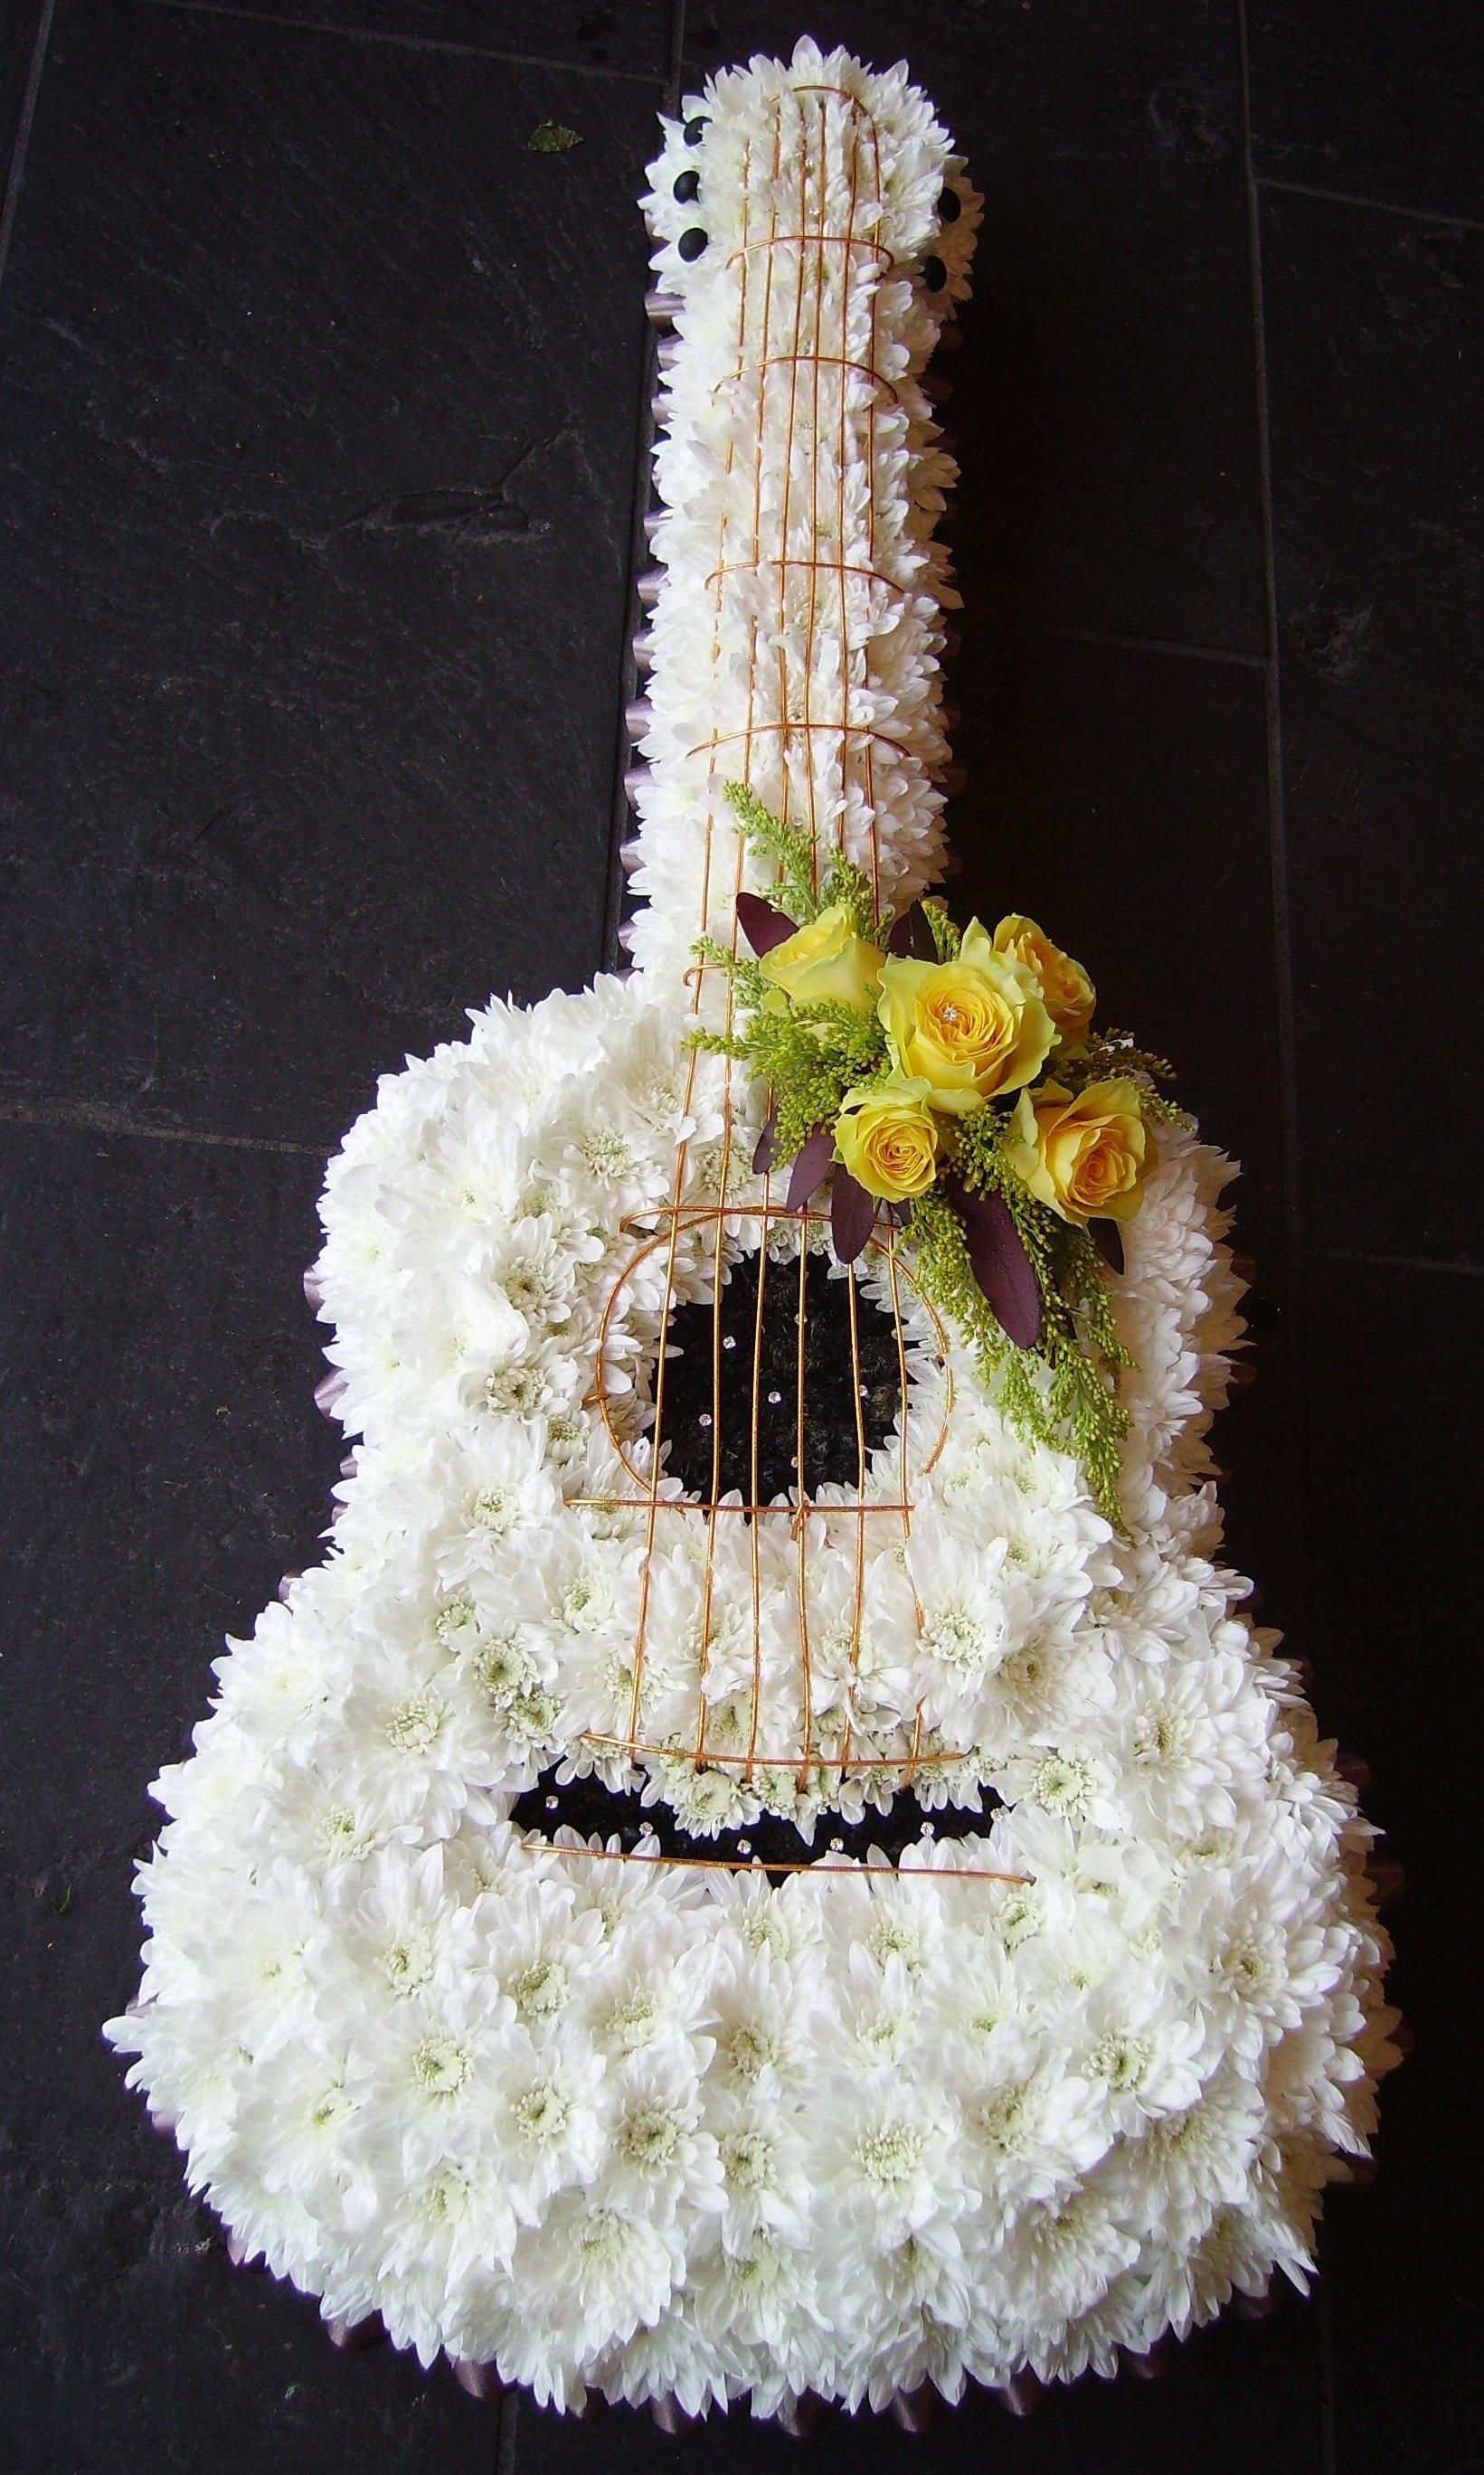 flowers arranged in guitar shape